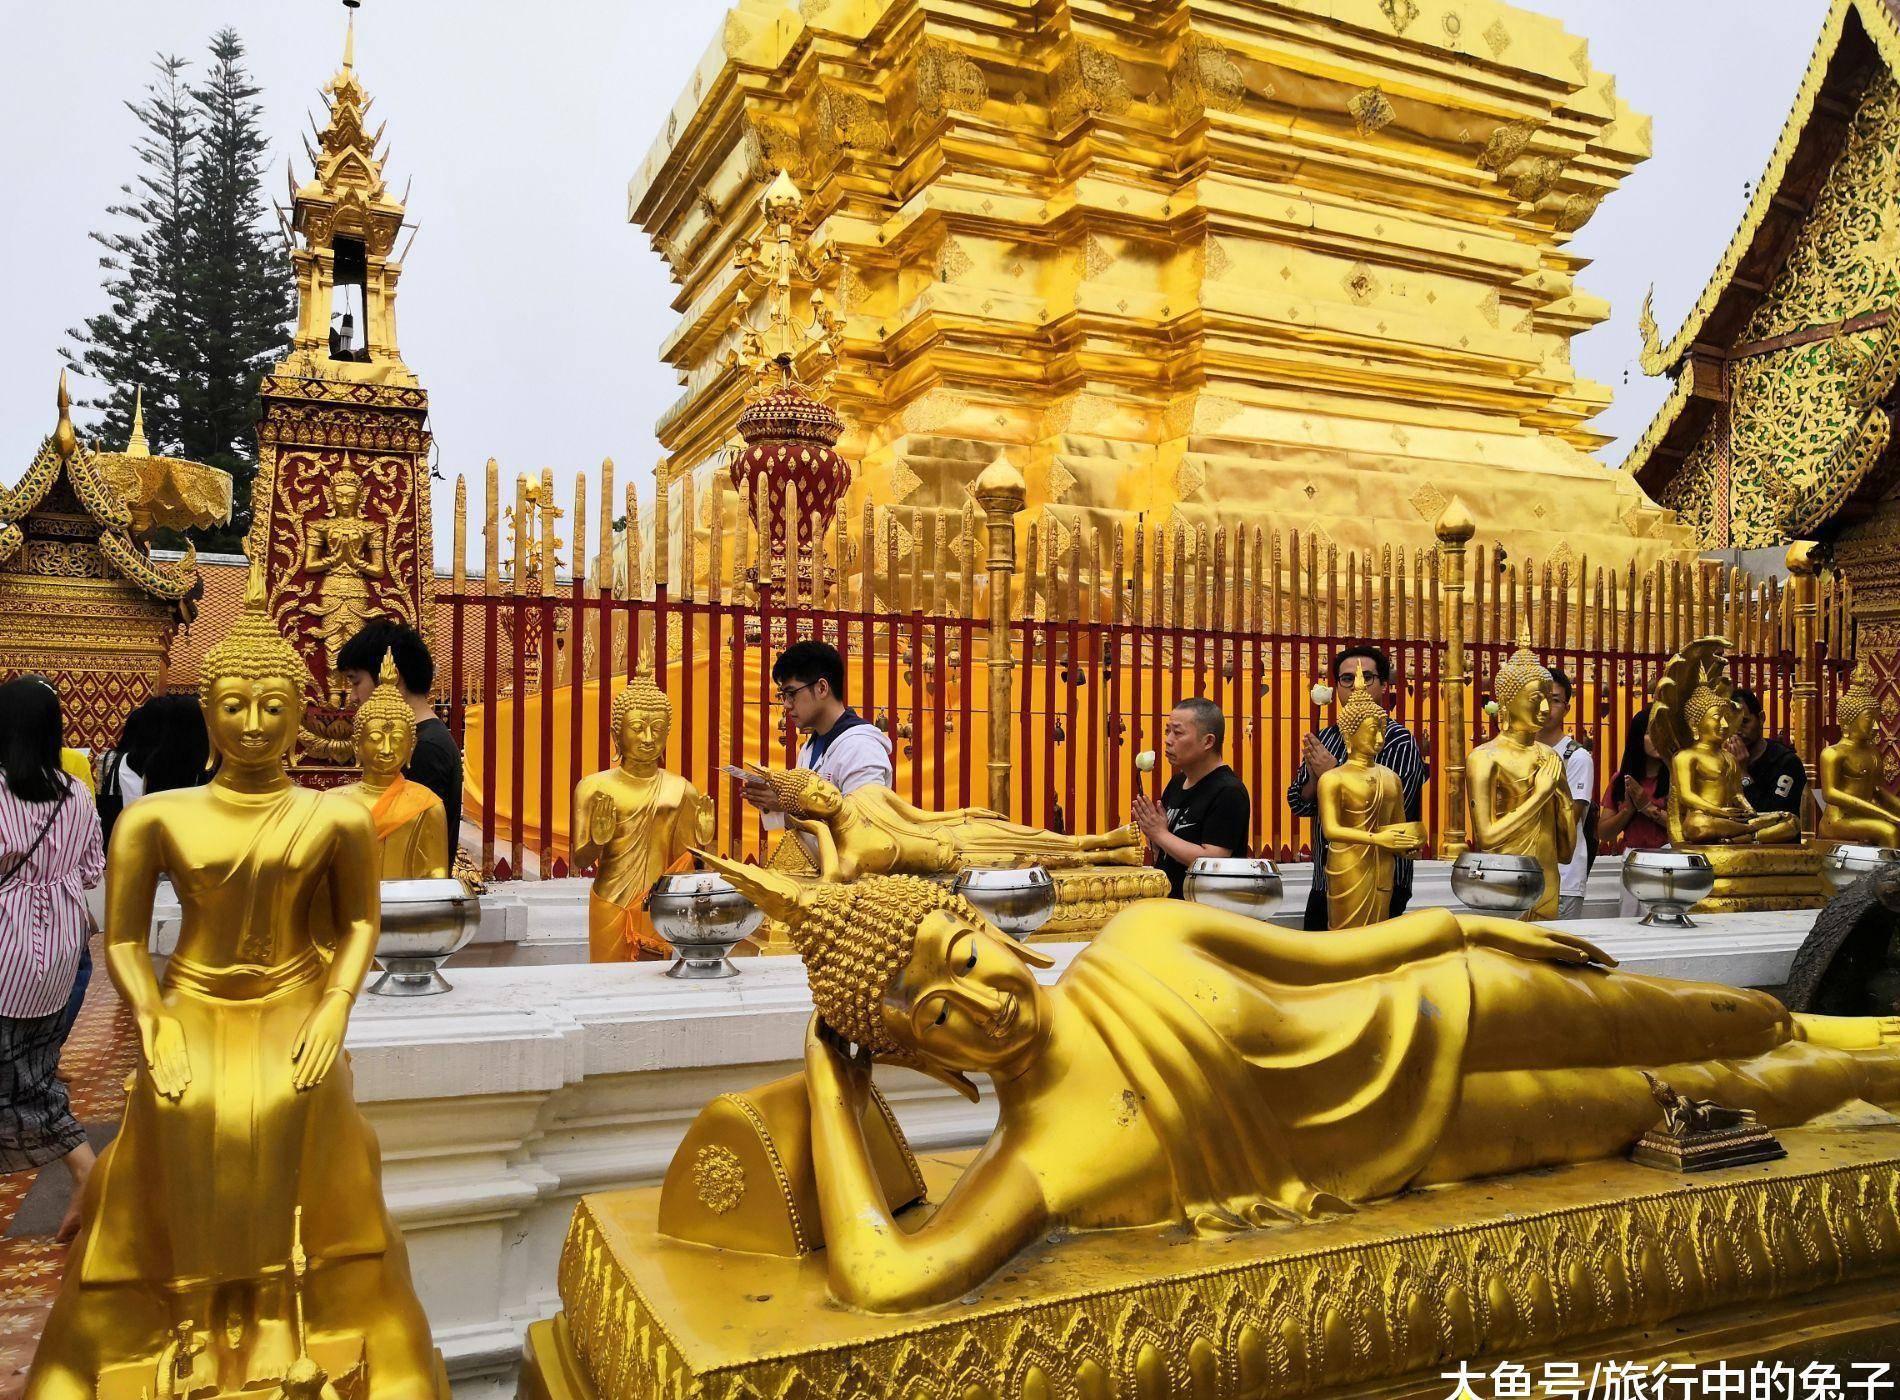 240公斤黄金打造的寺庙,供奉着佛祖舍利,信徒争抢烧头柱香